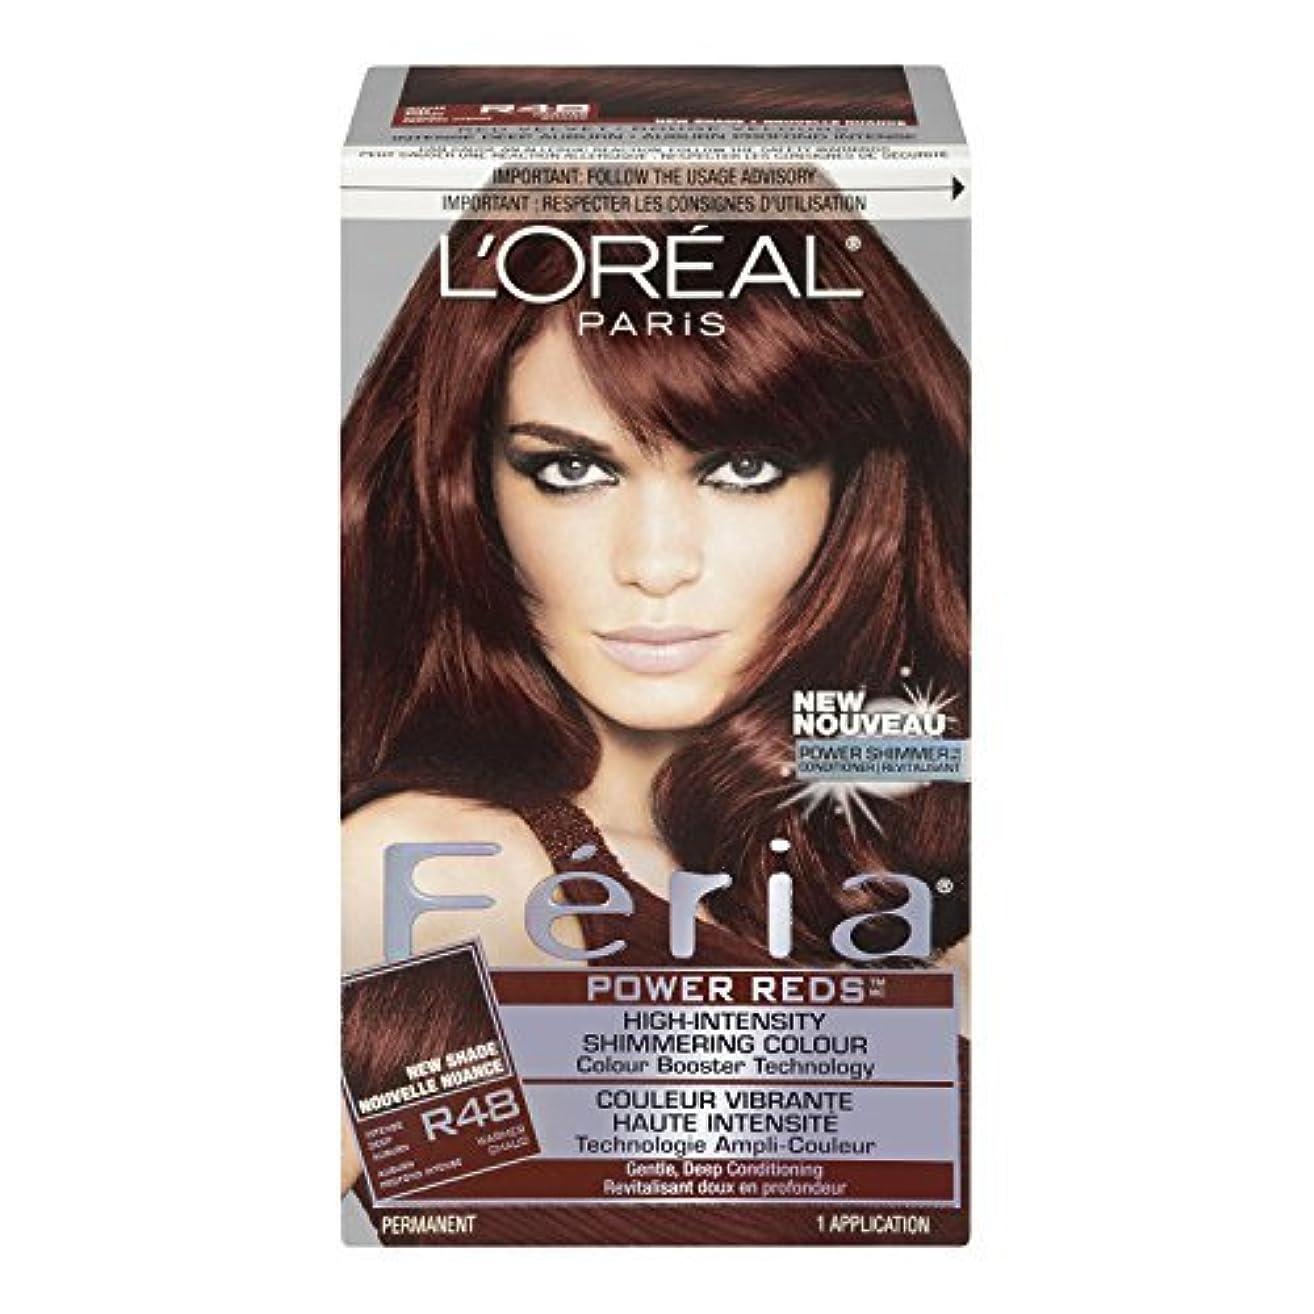 詳細なオッズ倫理的L'Oreal Feria Power Reds Hair Color, R48 Intense Deep Auburn/Red Velvet by L'Oreal Paris Hair Color [並行輸入品]